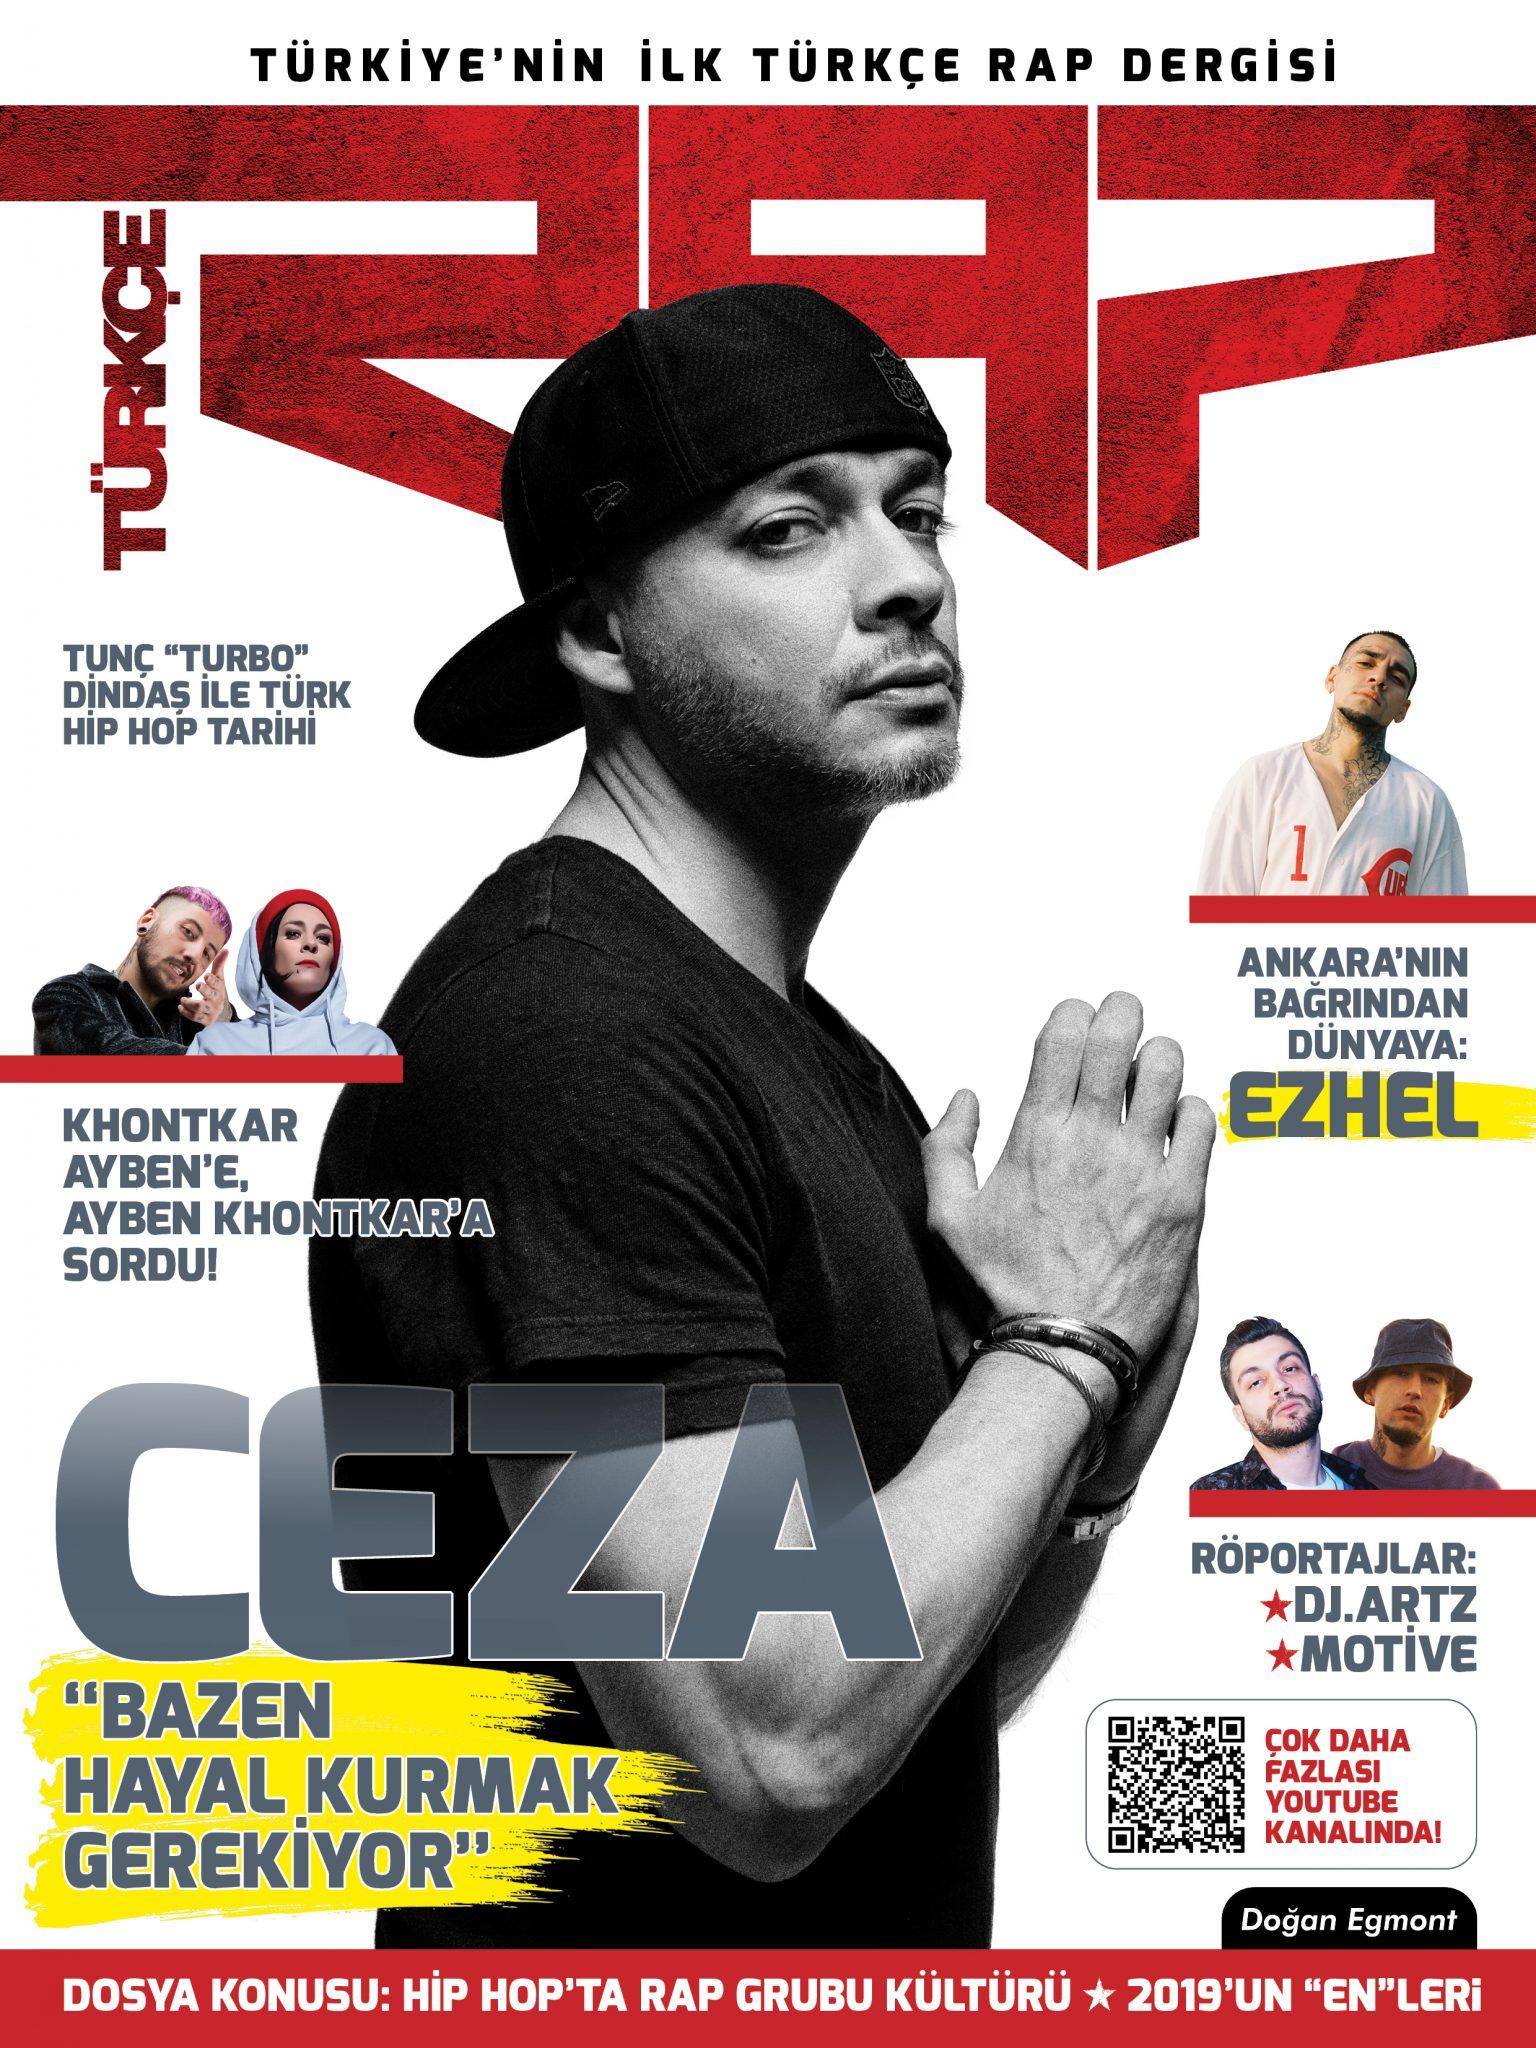 Türkiye'nin İlk Türkçe Rap Dergisi Yayın Hayatına Başladı